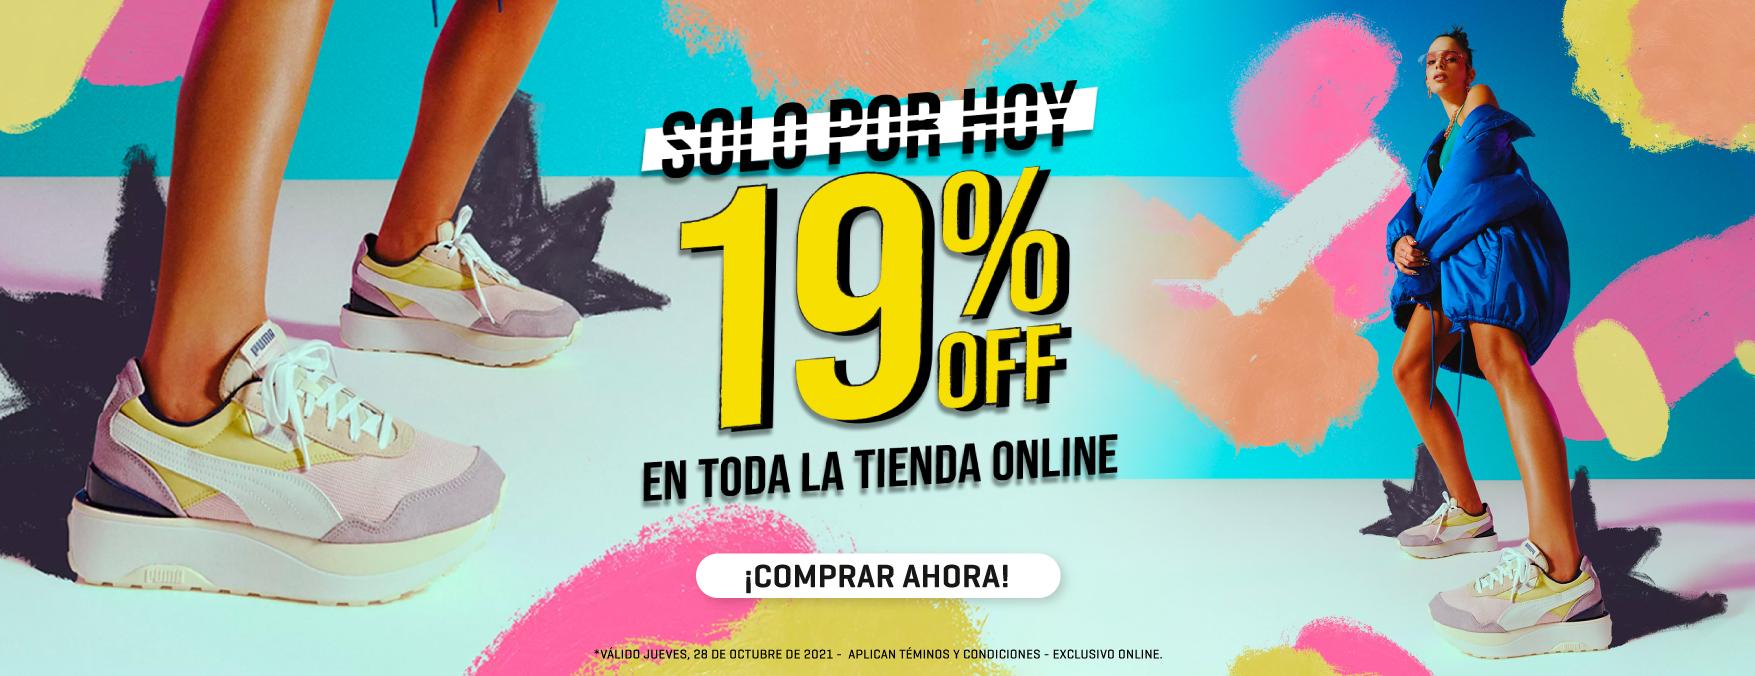 Día sin Iva Calzacosta Sport. Compra con el 19% de descuento tenis para hombre zapatillas y mucho más.